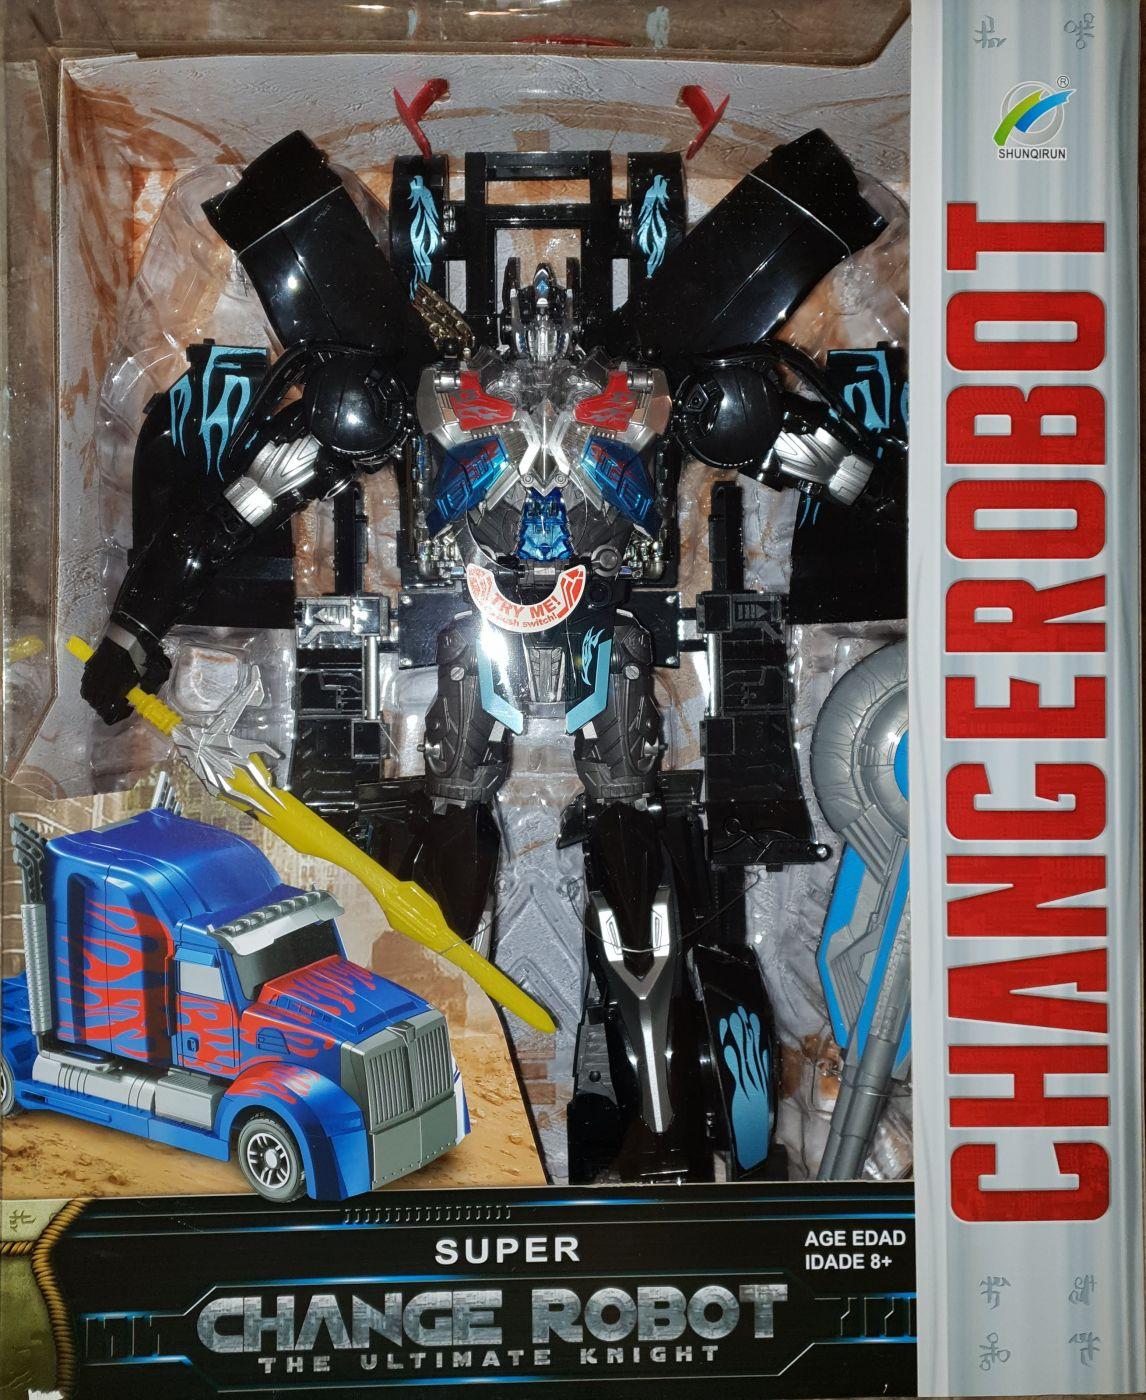 32-2 Changed the Samurai огромный робот игрушка трансформер высота 48 см.